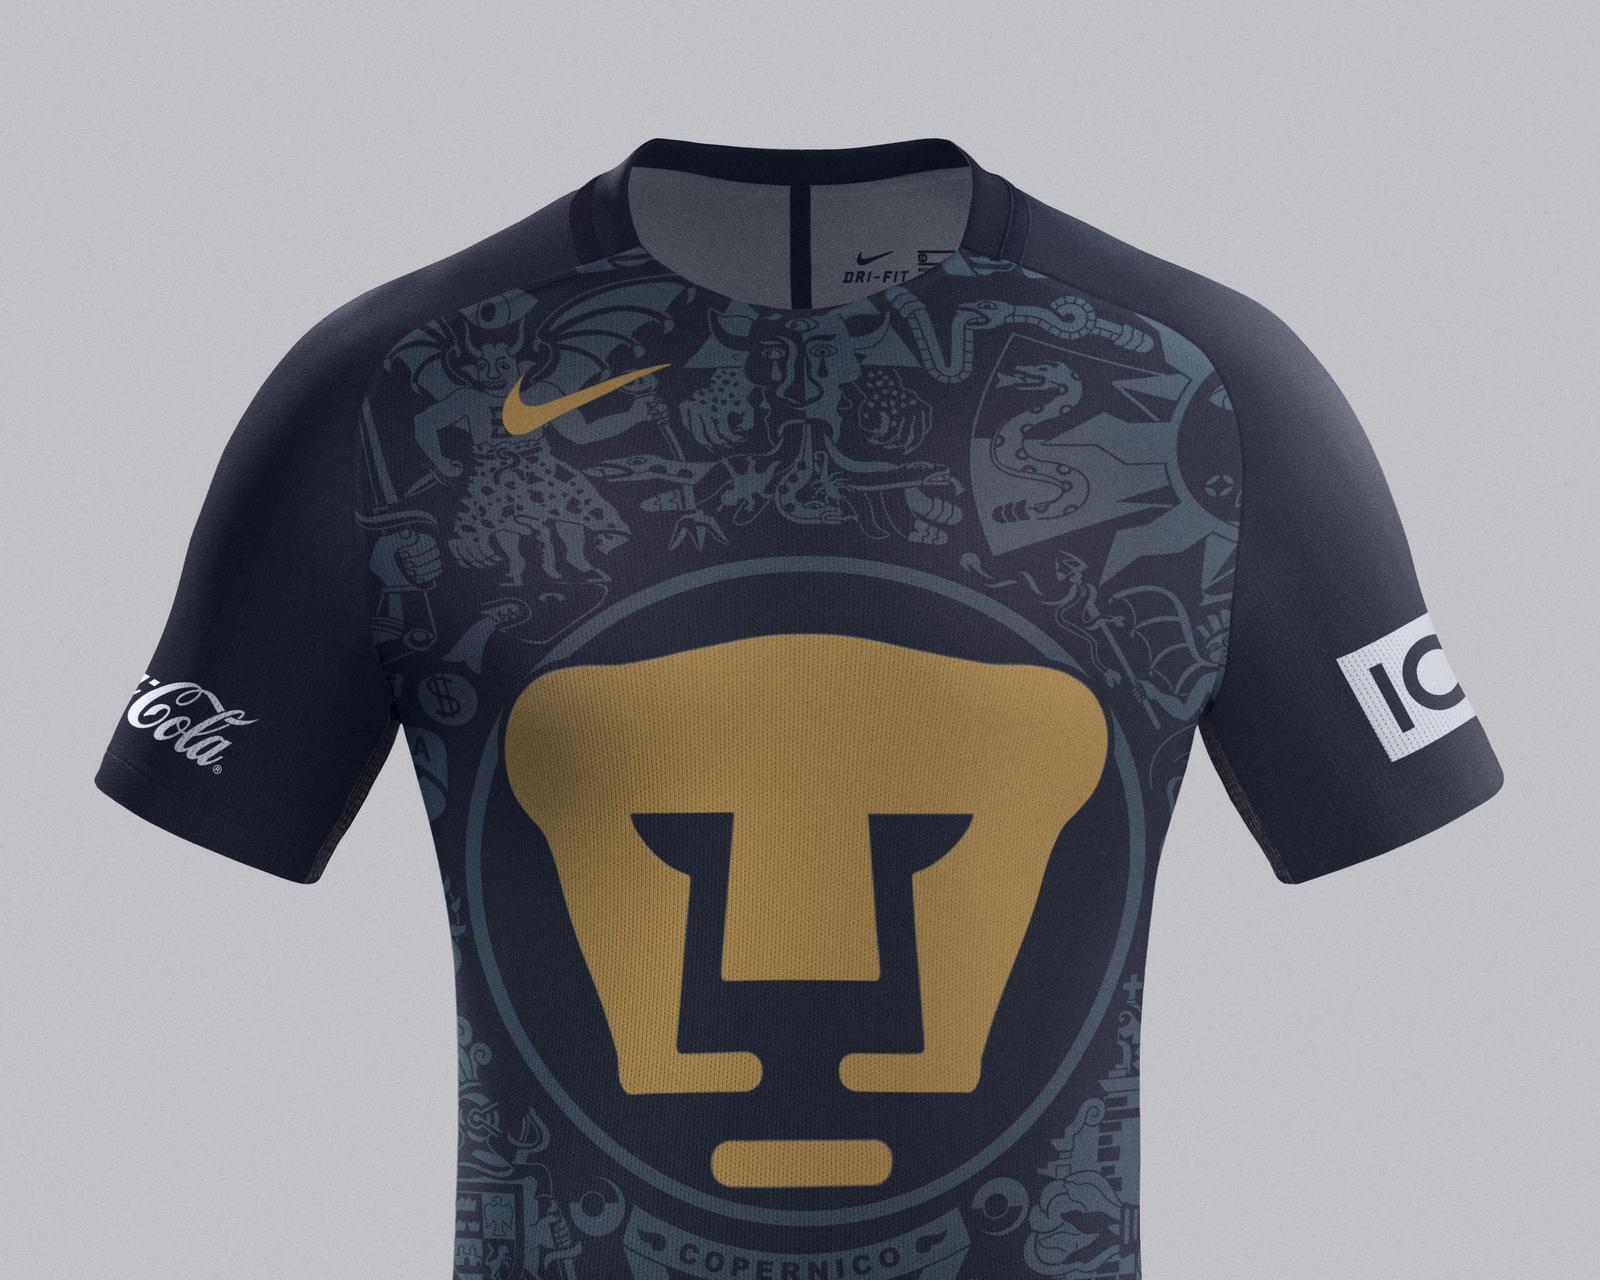 unam 2016 kits